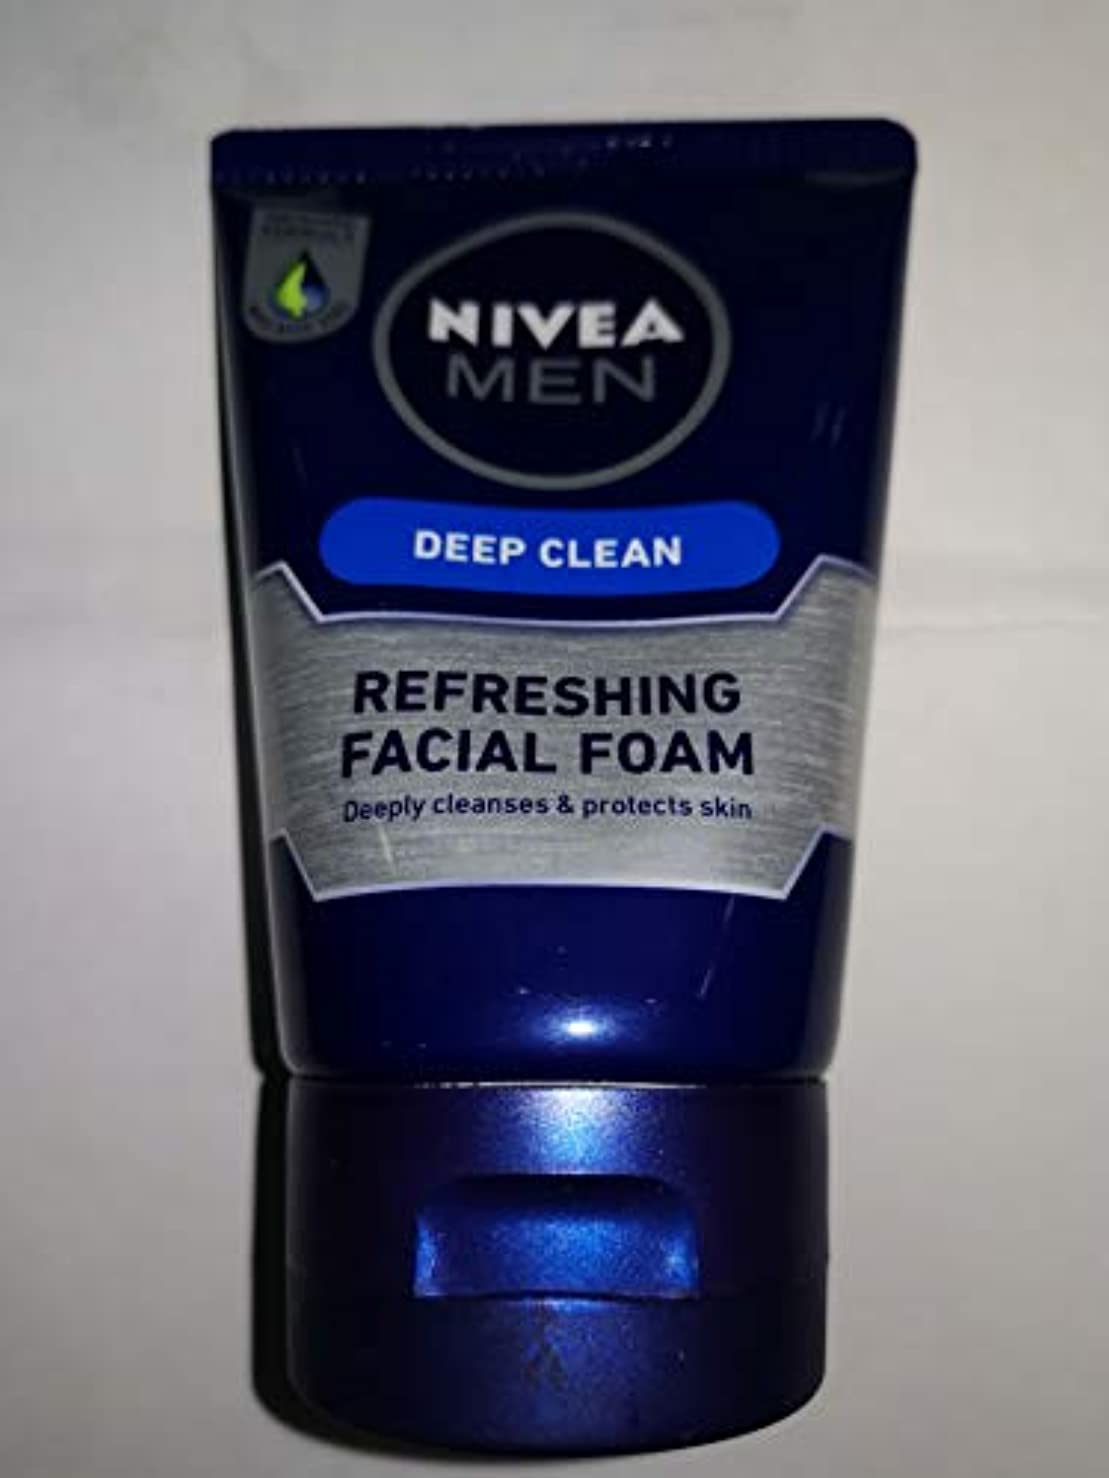 くぼみコーヒー顕著Nivea For Men 100グラムディープクレンジング洗顔料は、傷の健康を減らし、汚れや不純物を取り除く効果的に徹底的に肌を清潔にし、